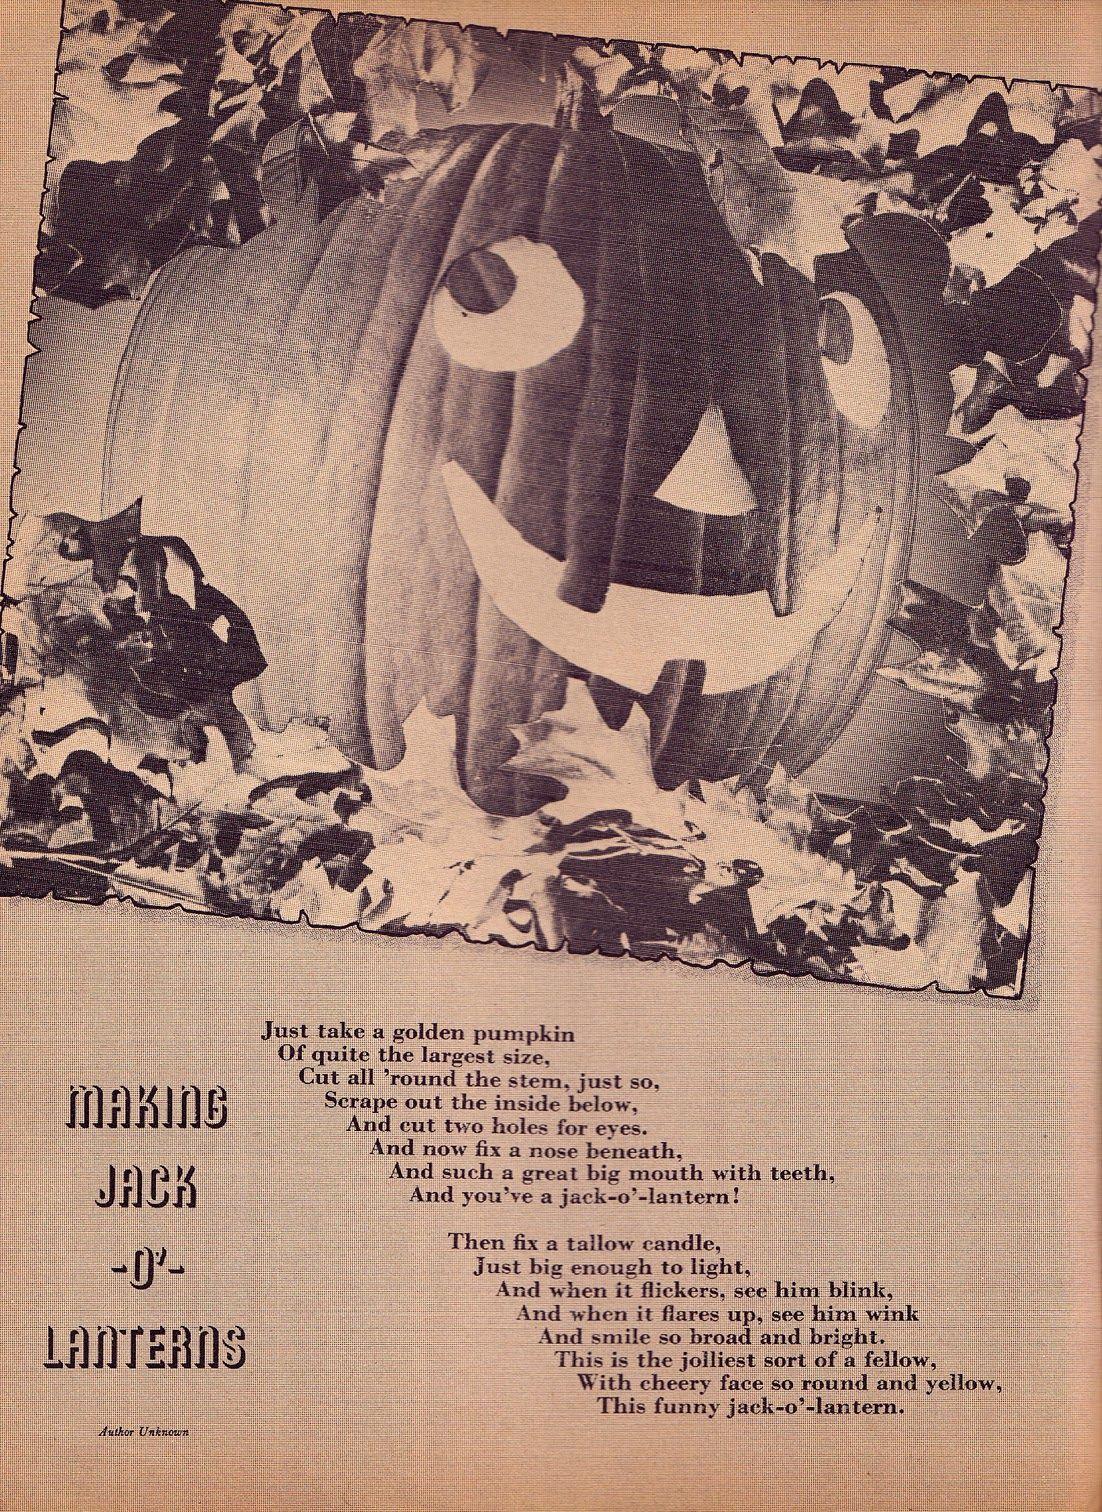 doo wacka doodles | halloween | pinterest | doodles, vintage